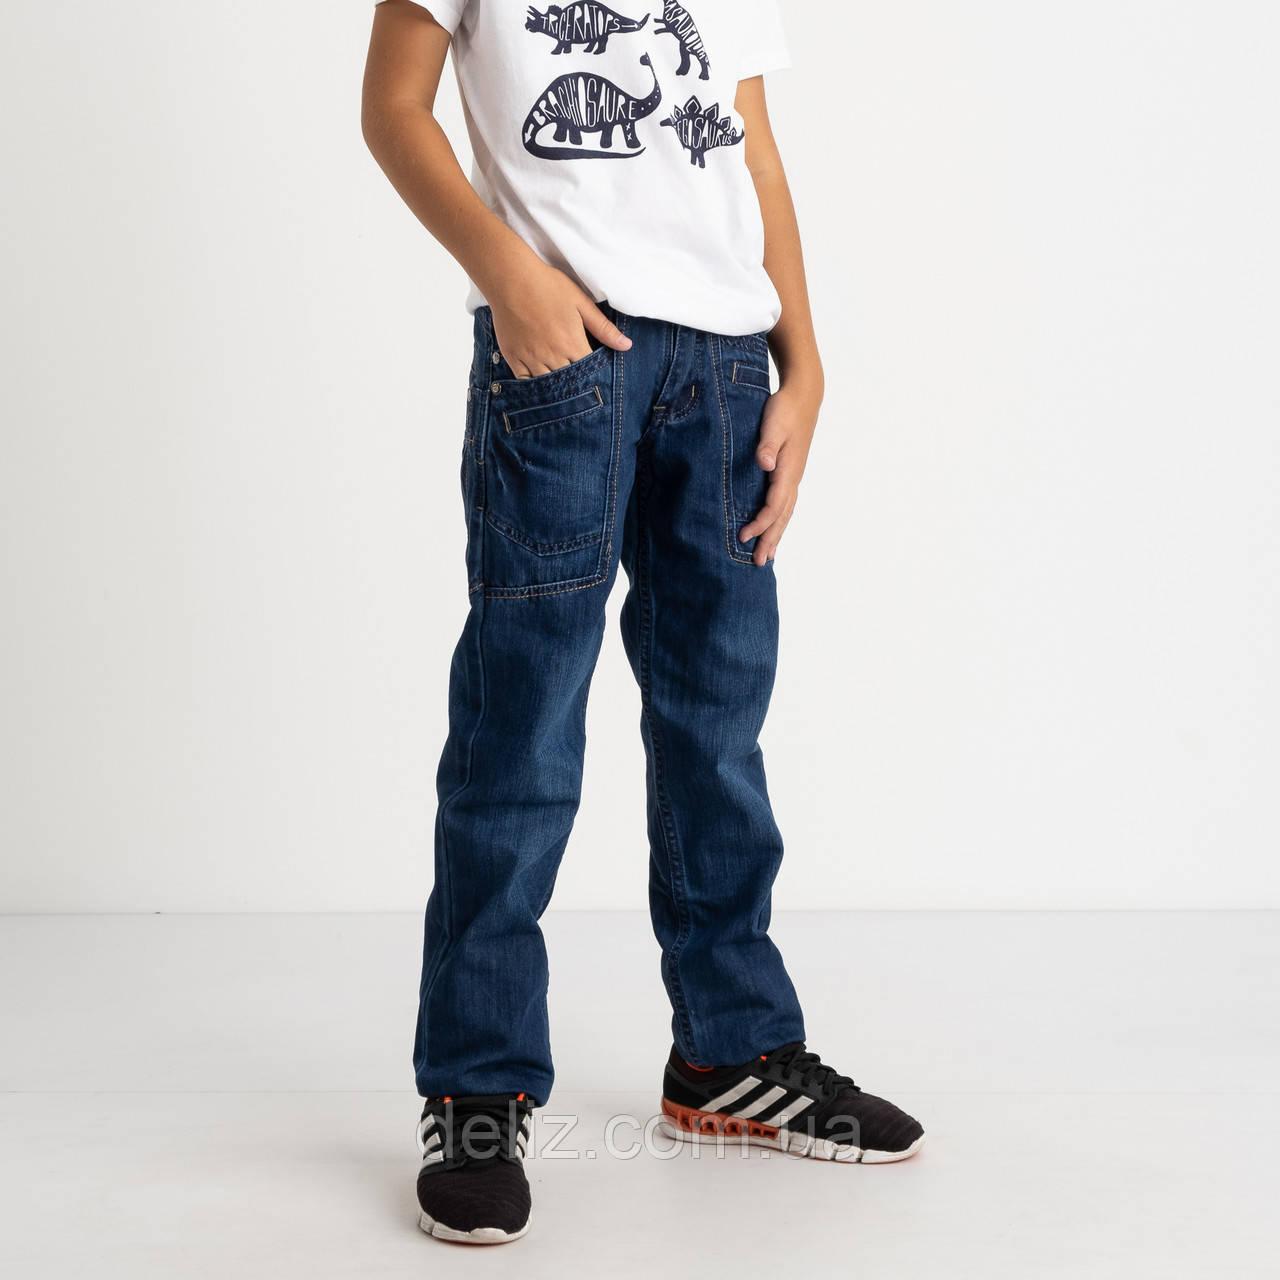 Підліткові джинси Vigoocc 7057. Розмір 26 (на 11-12 років, є заміри)